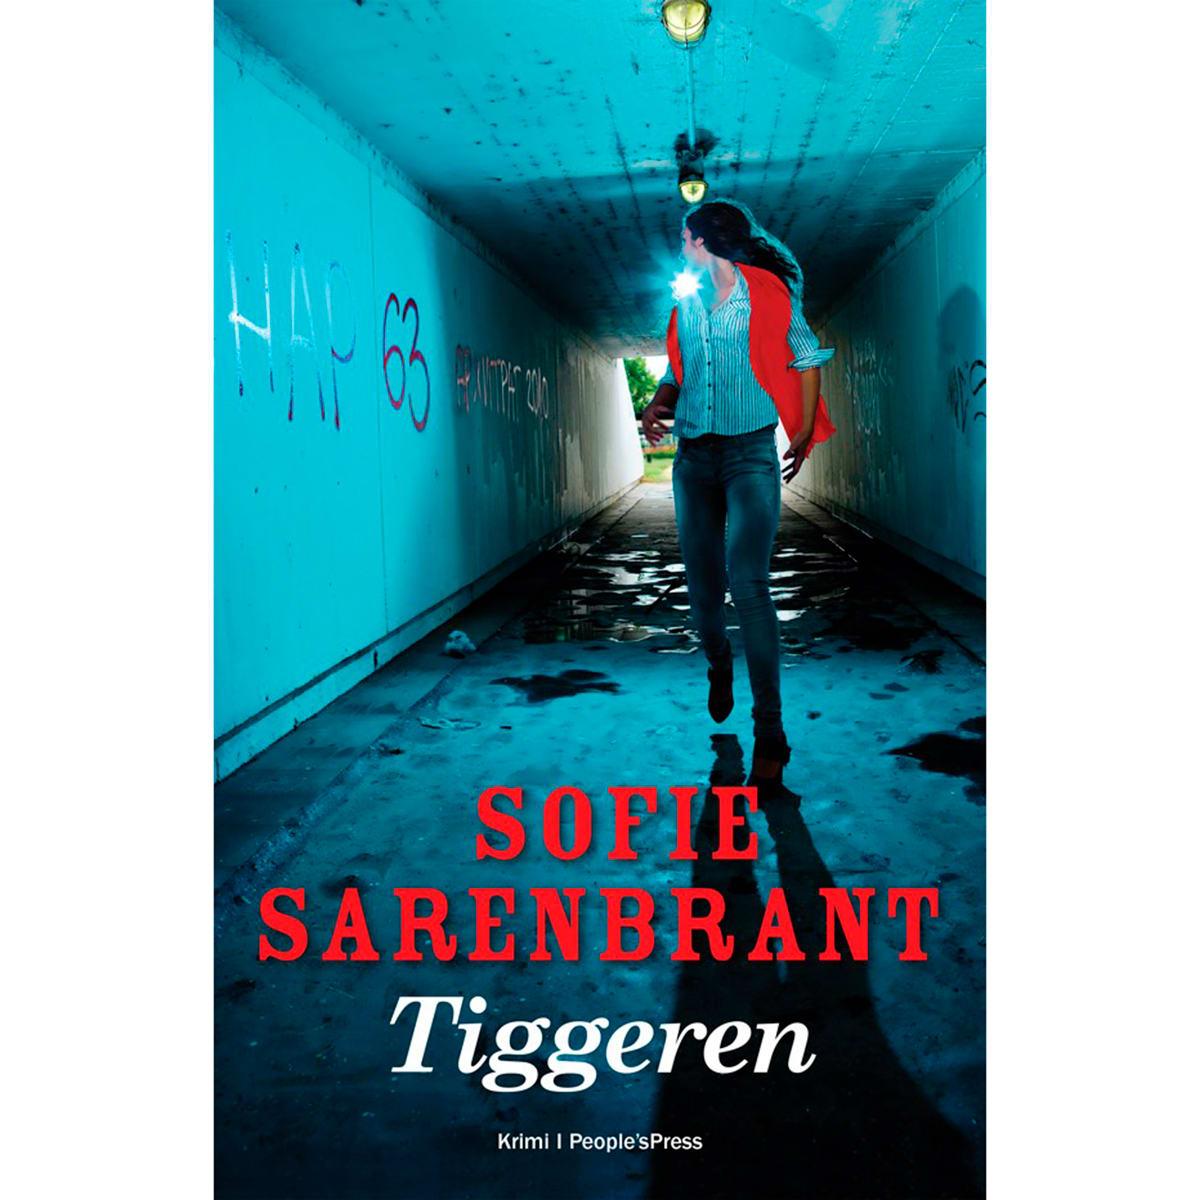 Af Sofie Sarenbrant